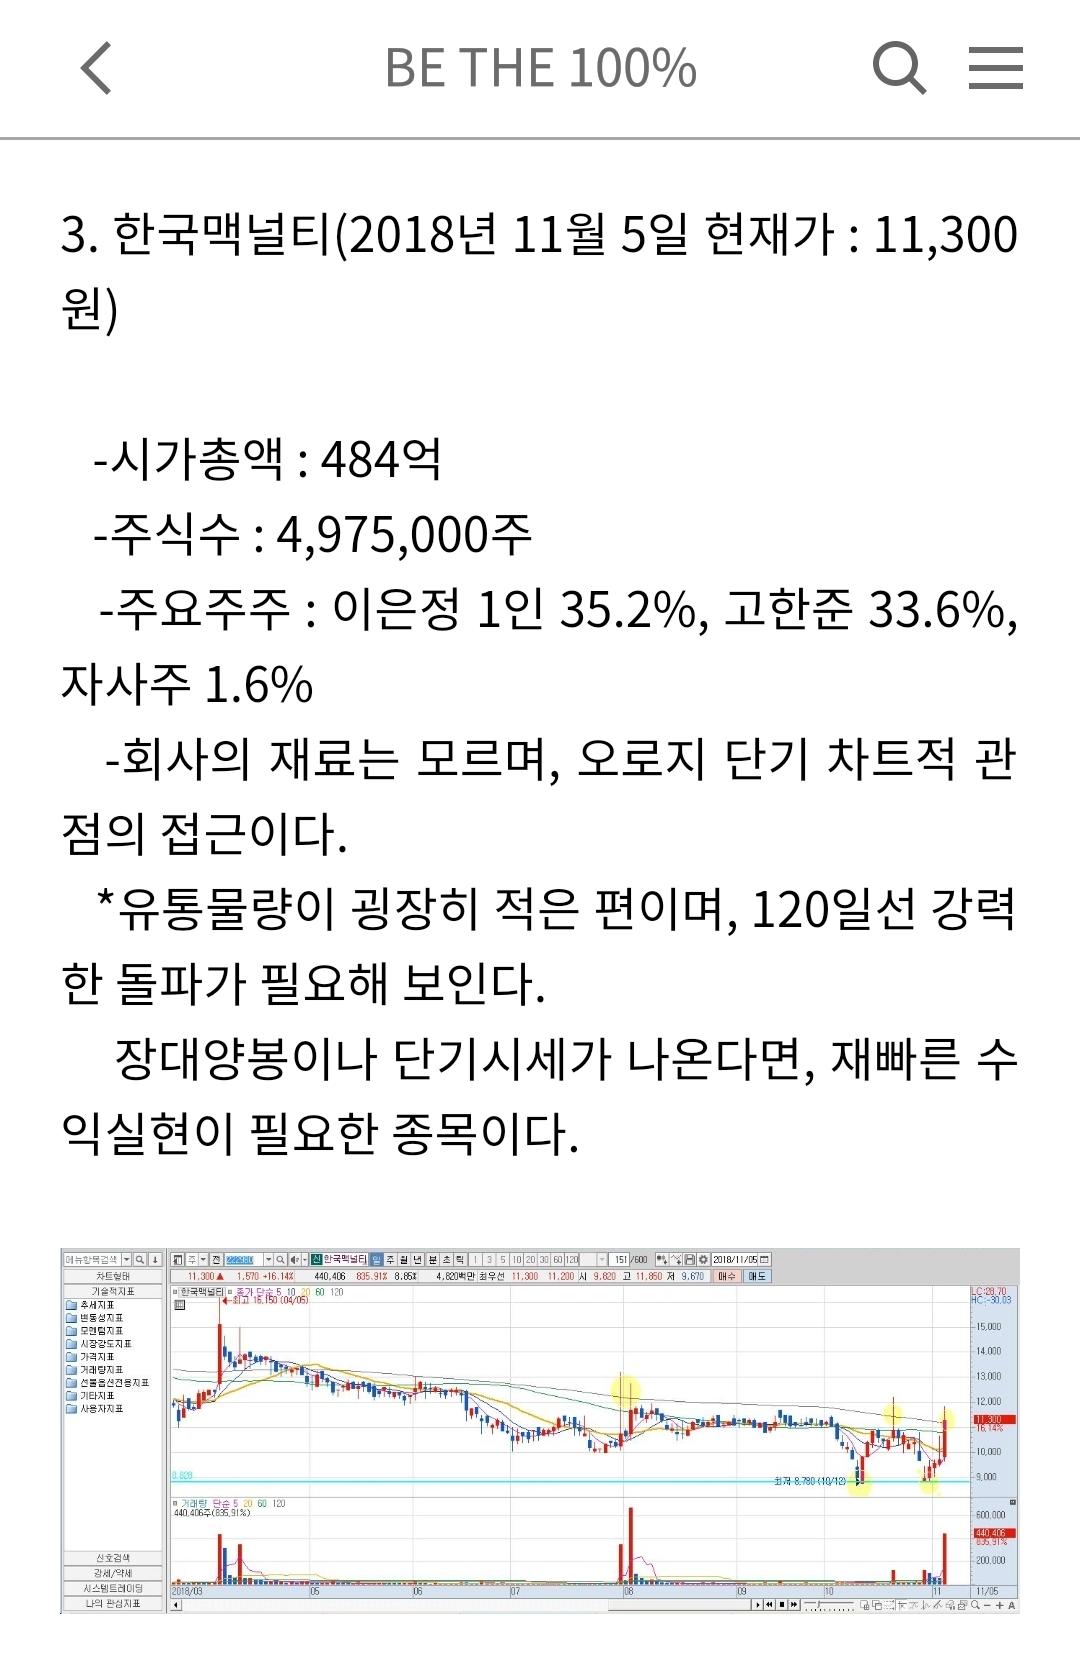 어제 관심종목 - 한국맥널티 강력한 파동